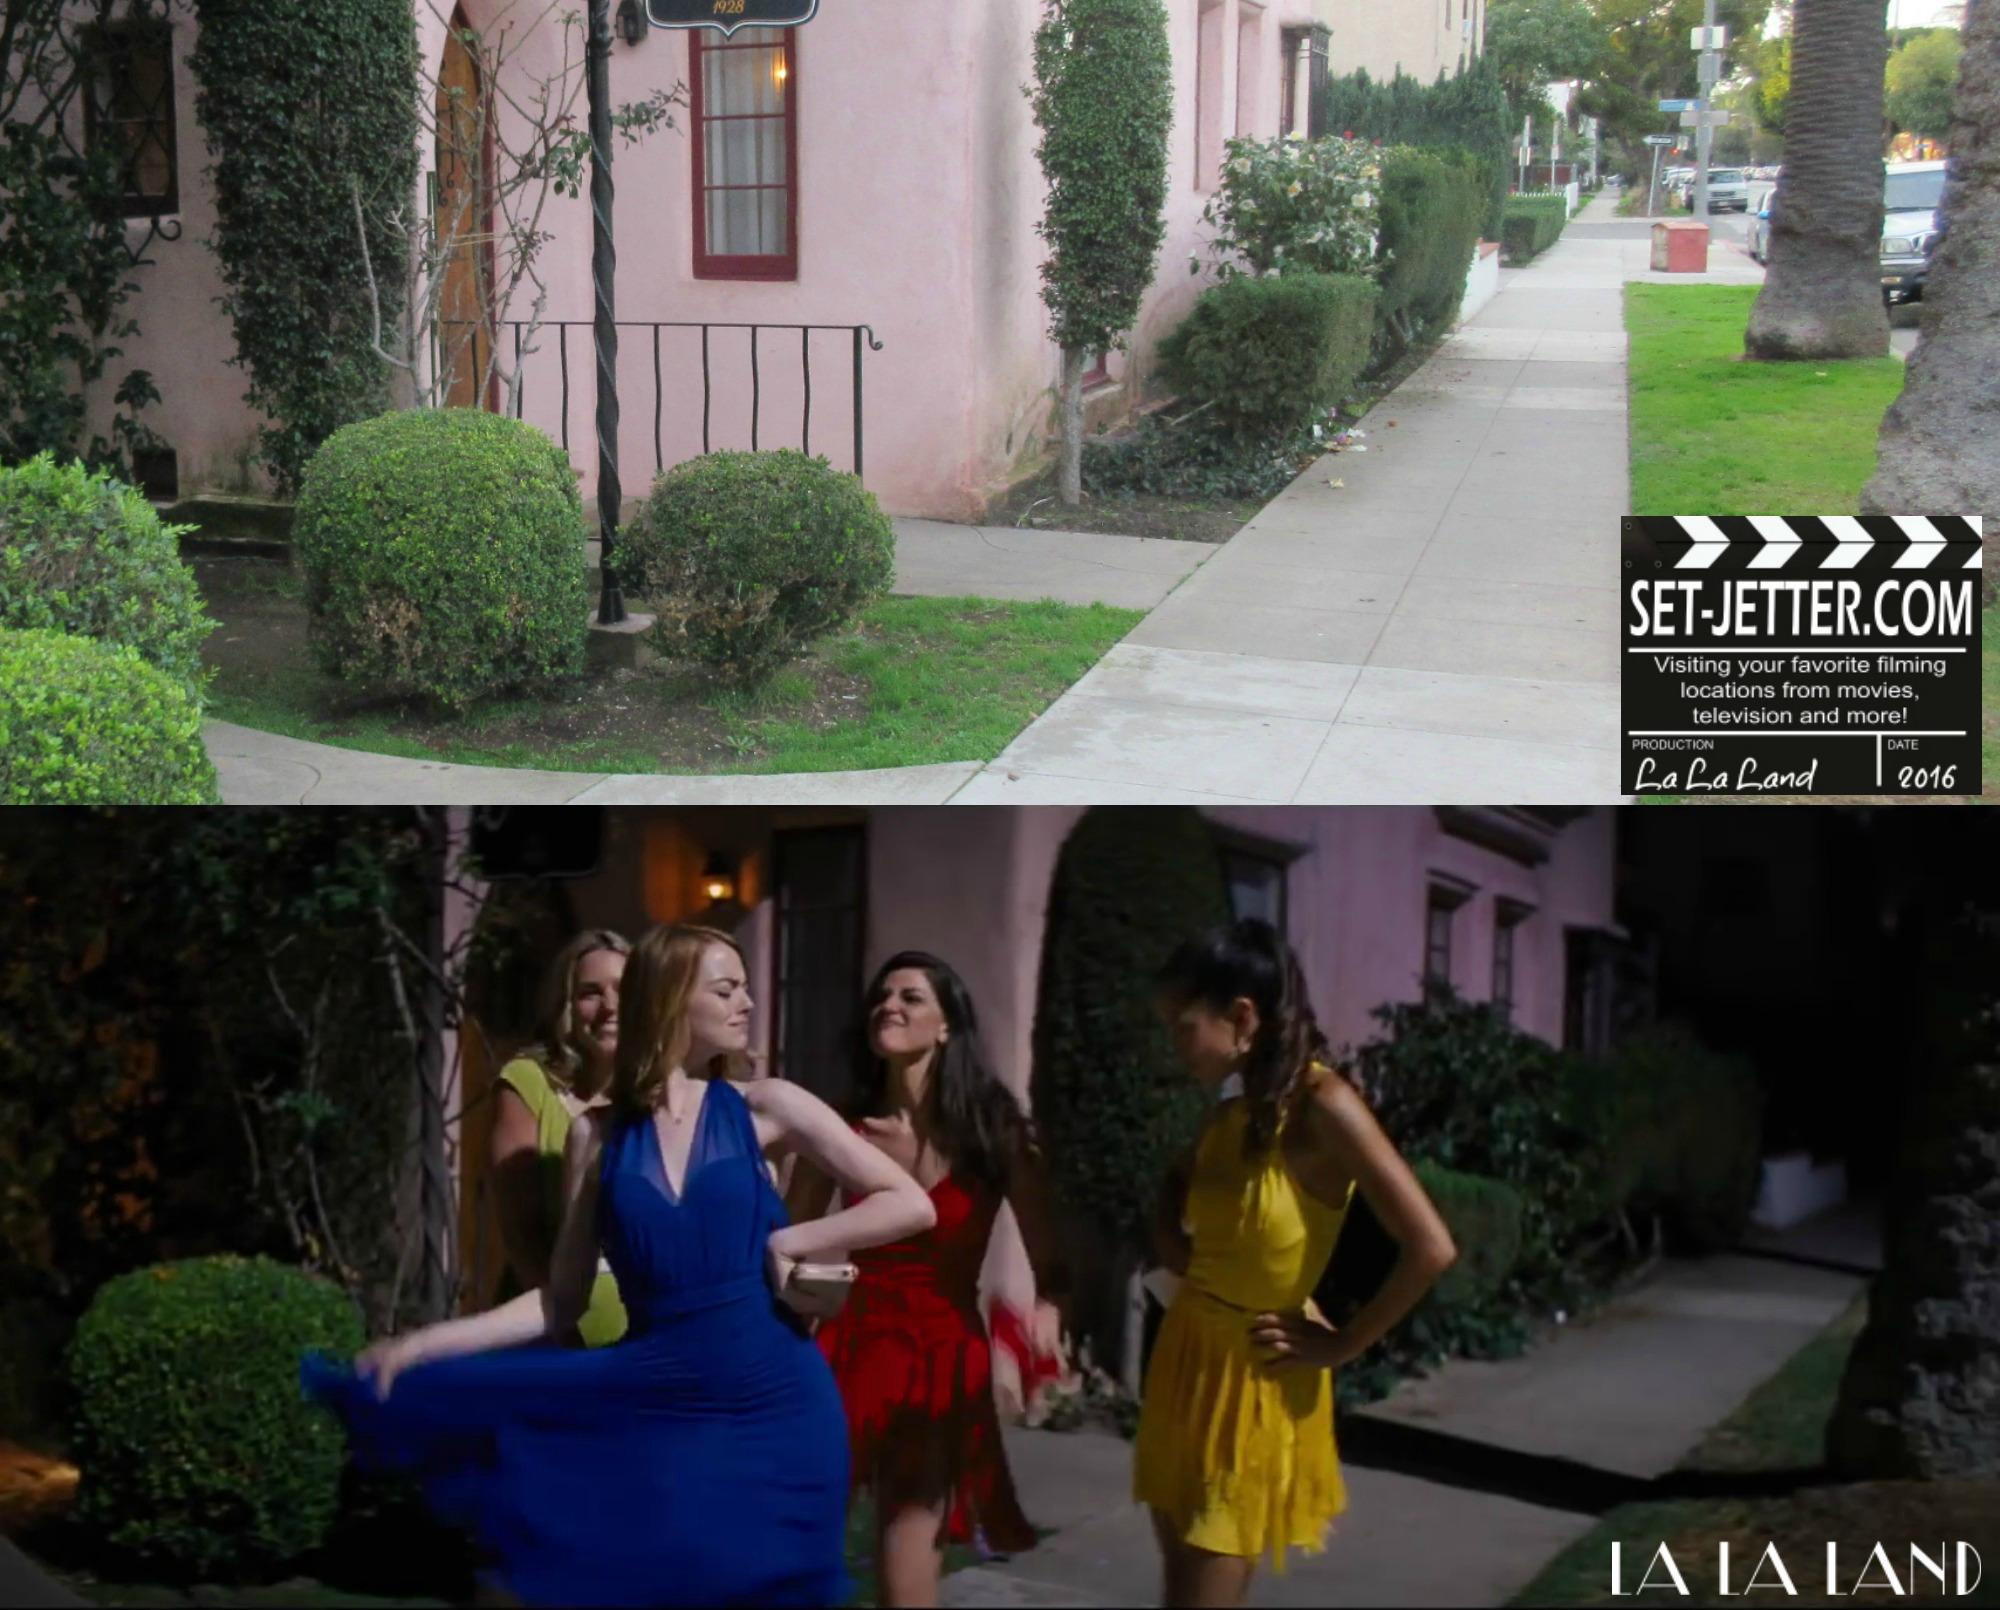 La La Land comparison 90.jpg